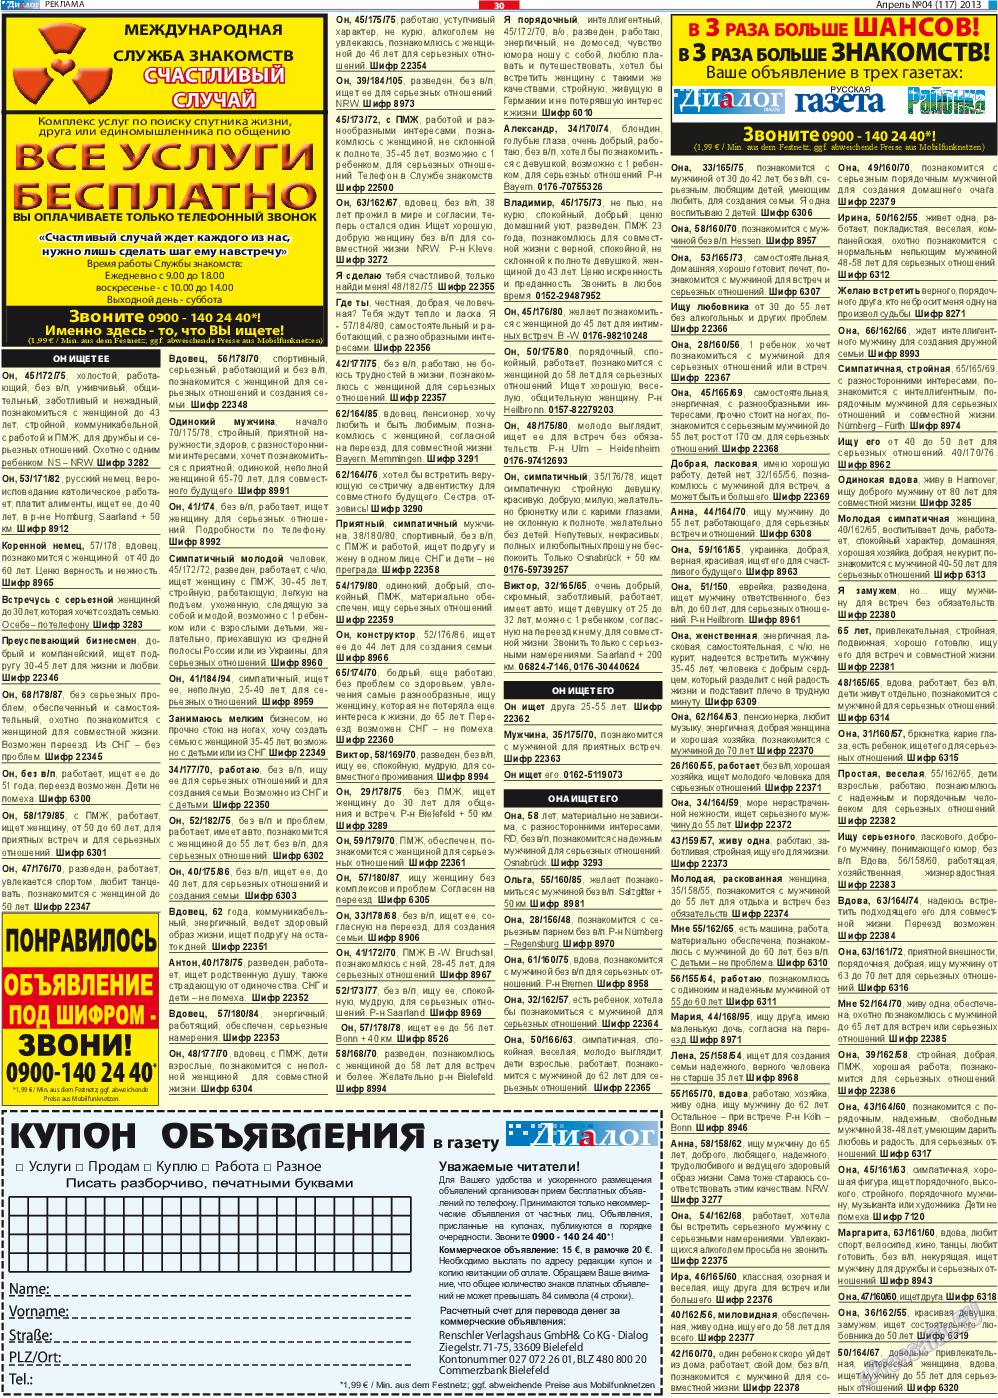 знакомствах украина о газеты